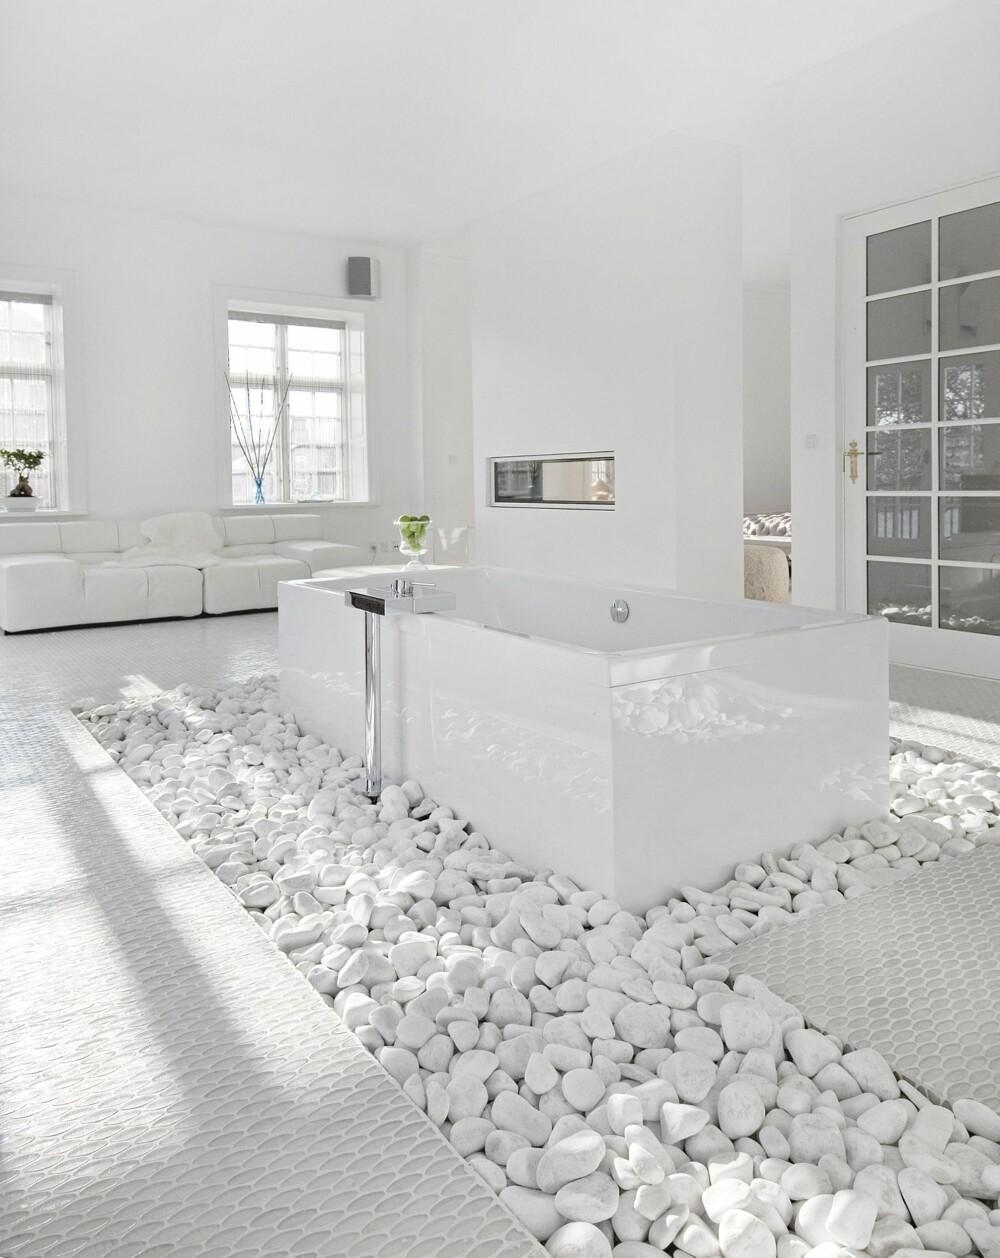 SENTRAL PLASSERING: Badet har husets beste plassering, med både veranda, utsikt og egen lounge. Gulvet er et komposittmaterial fremstilt av betong og italiensk perlemor.